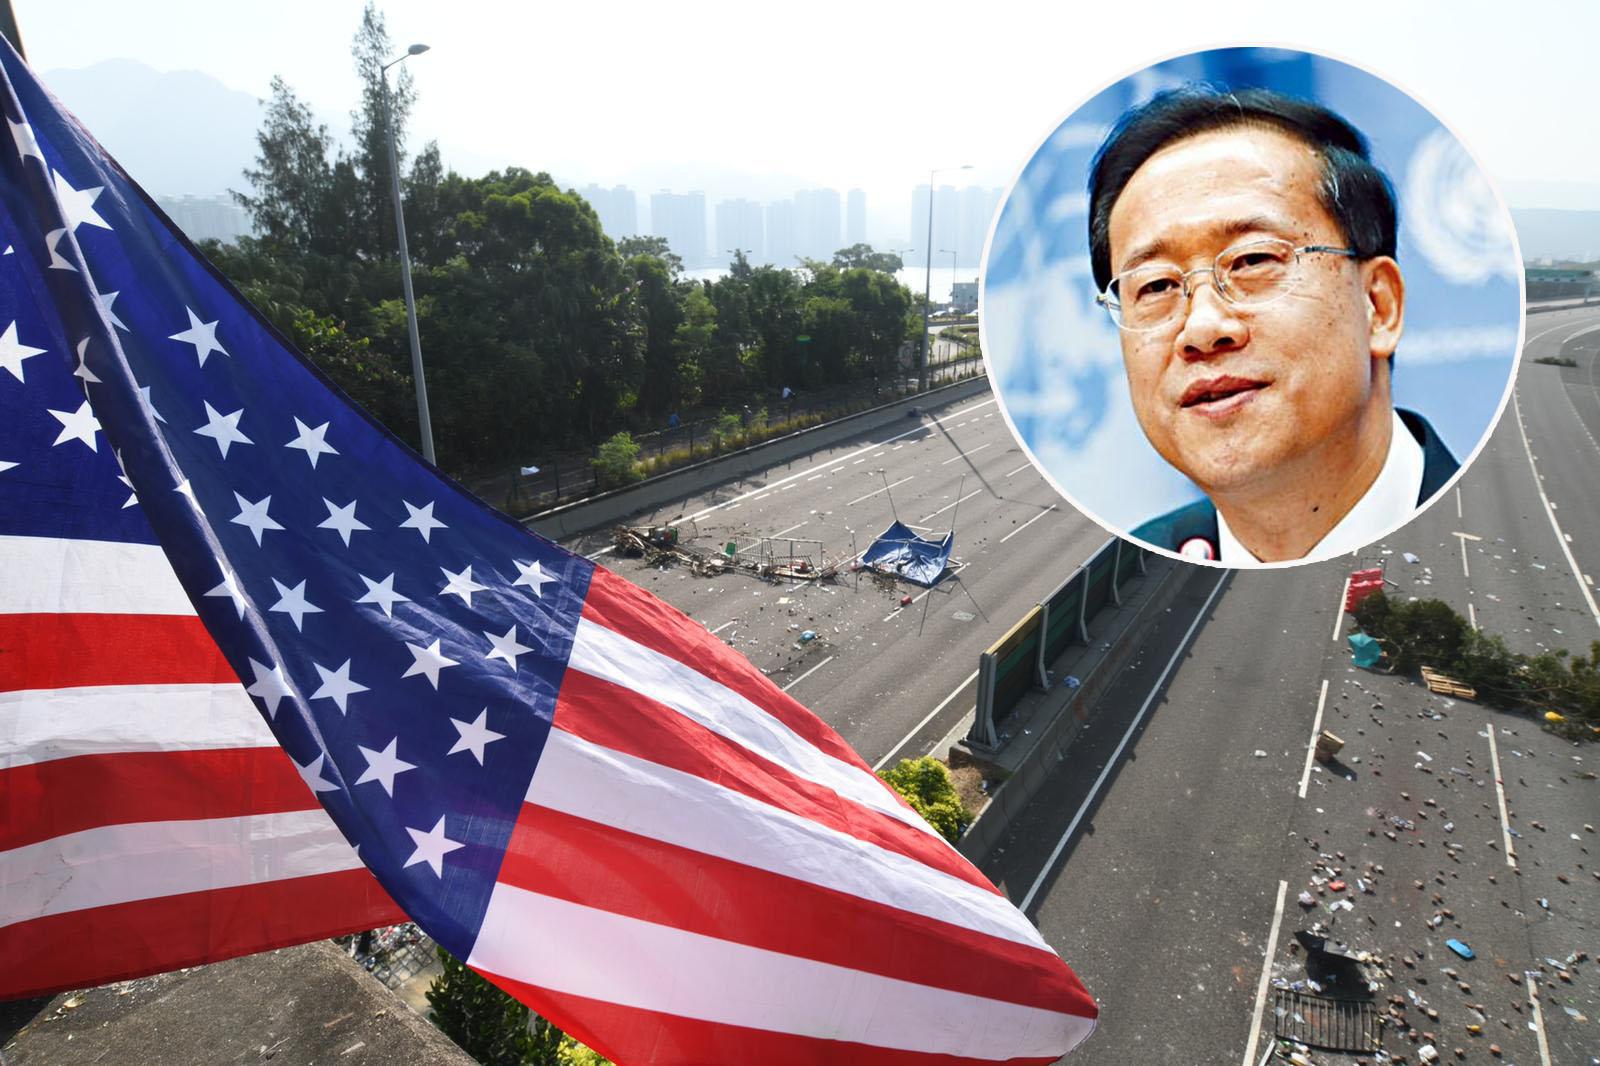 【修例风波】外交部召见美驻华官员 促美方採措施阻《人权法案》成法